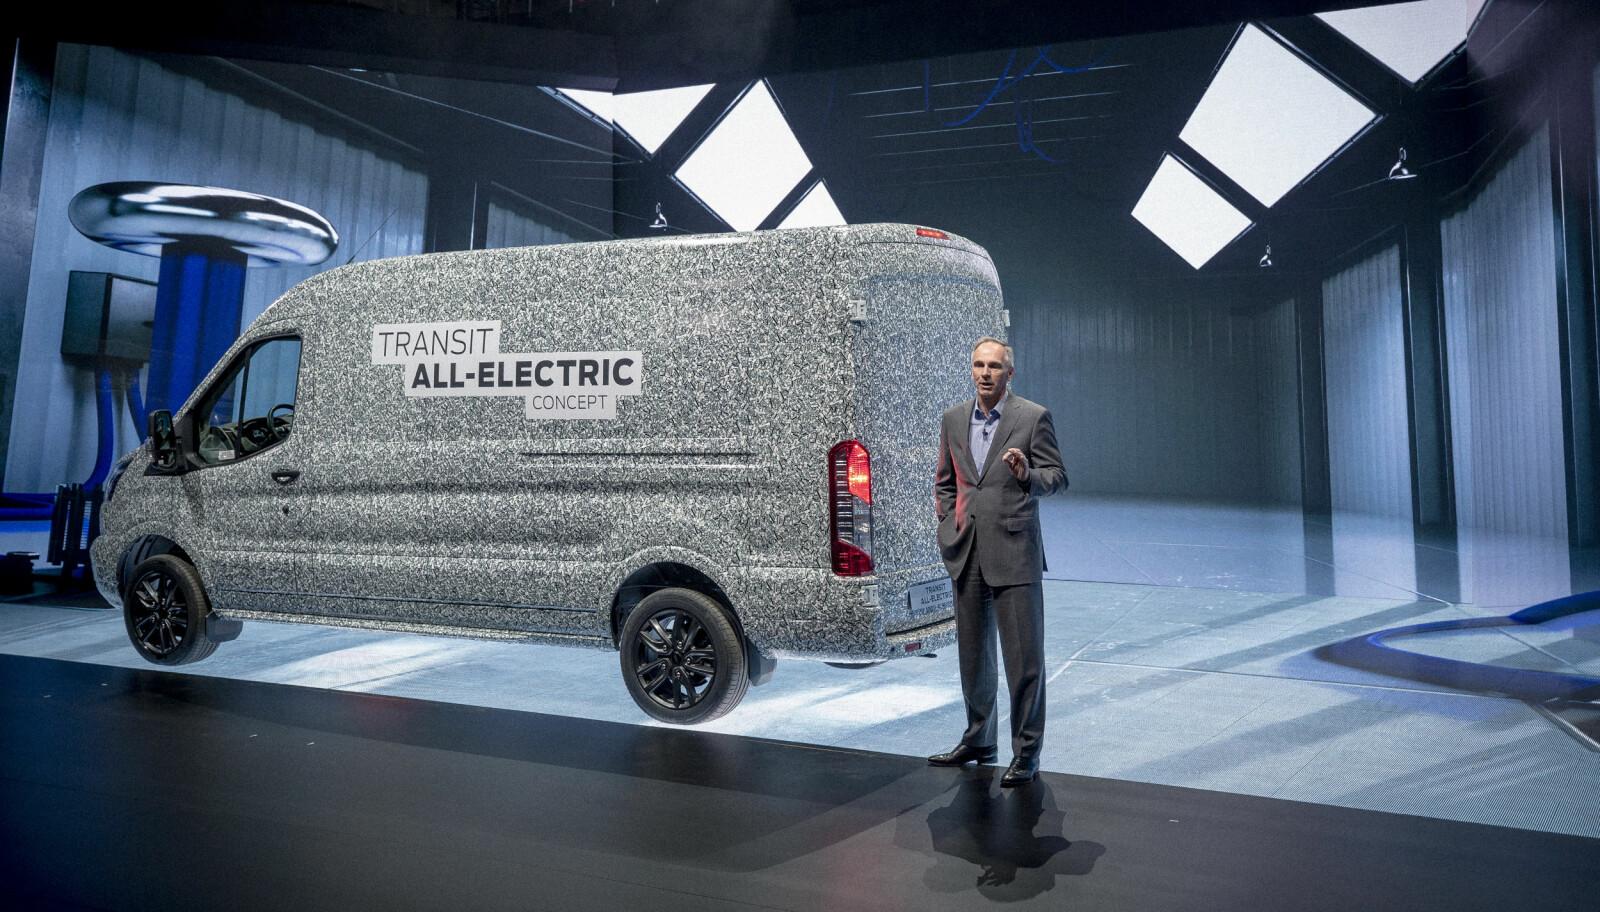 ELEKTRISK TRANSIT: Her presenteres den helelektriske 2-tonns Ford Transit av Ford Europas visepresident for marketing salg og service, Roelant de Waard